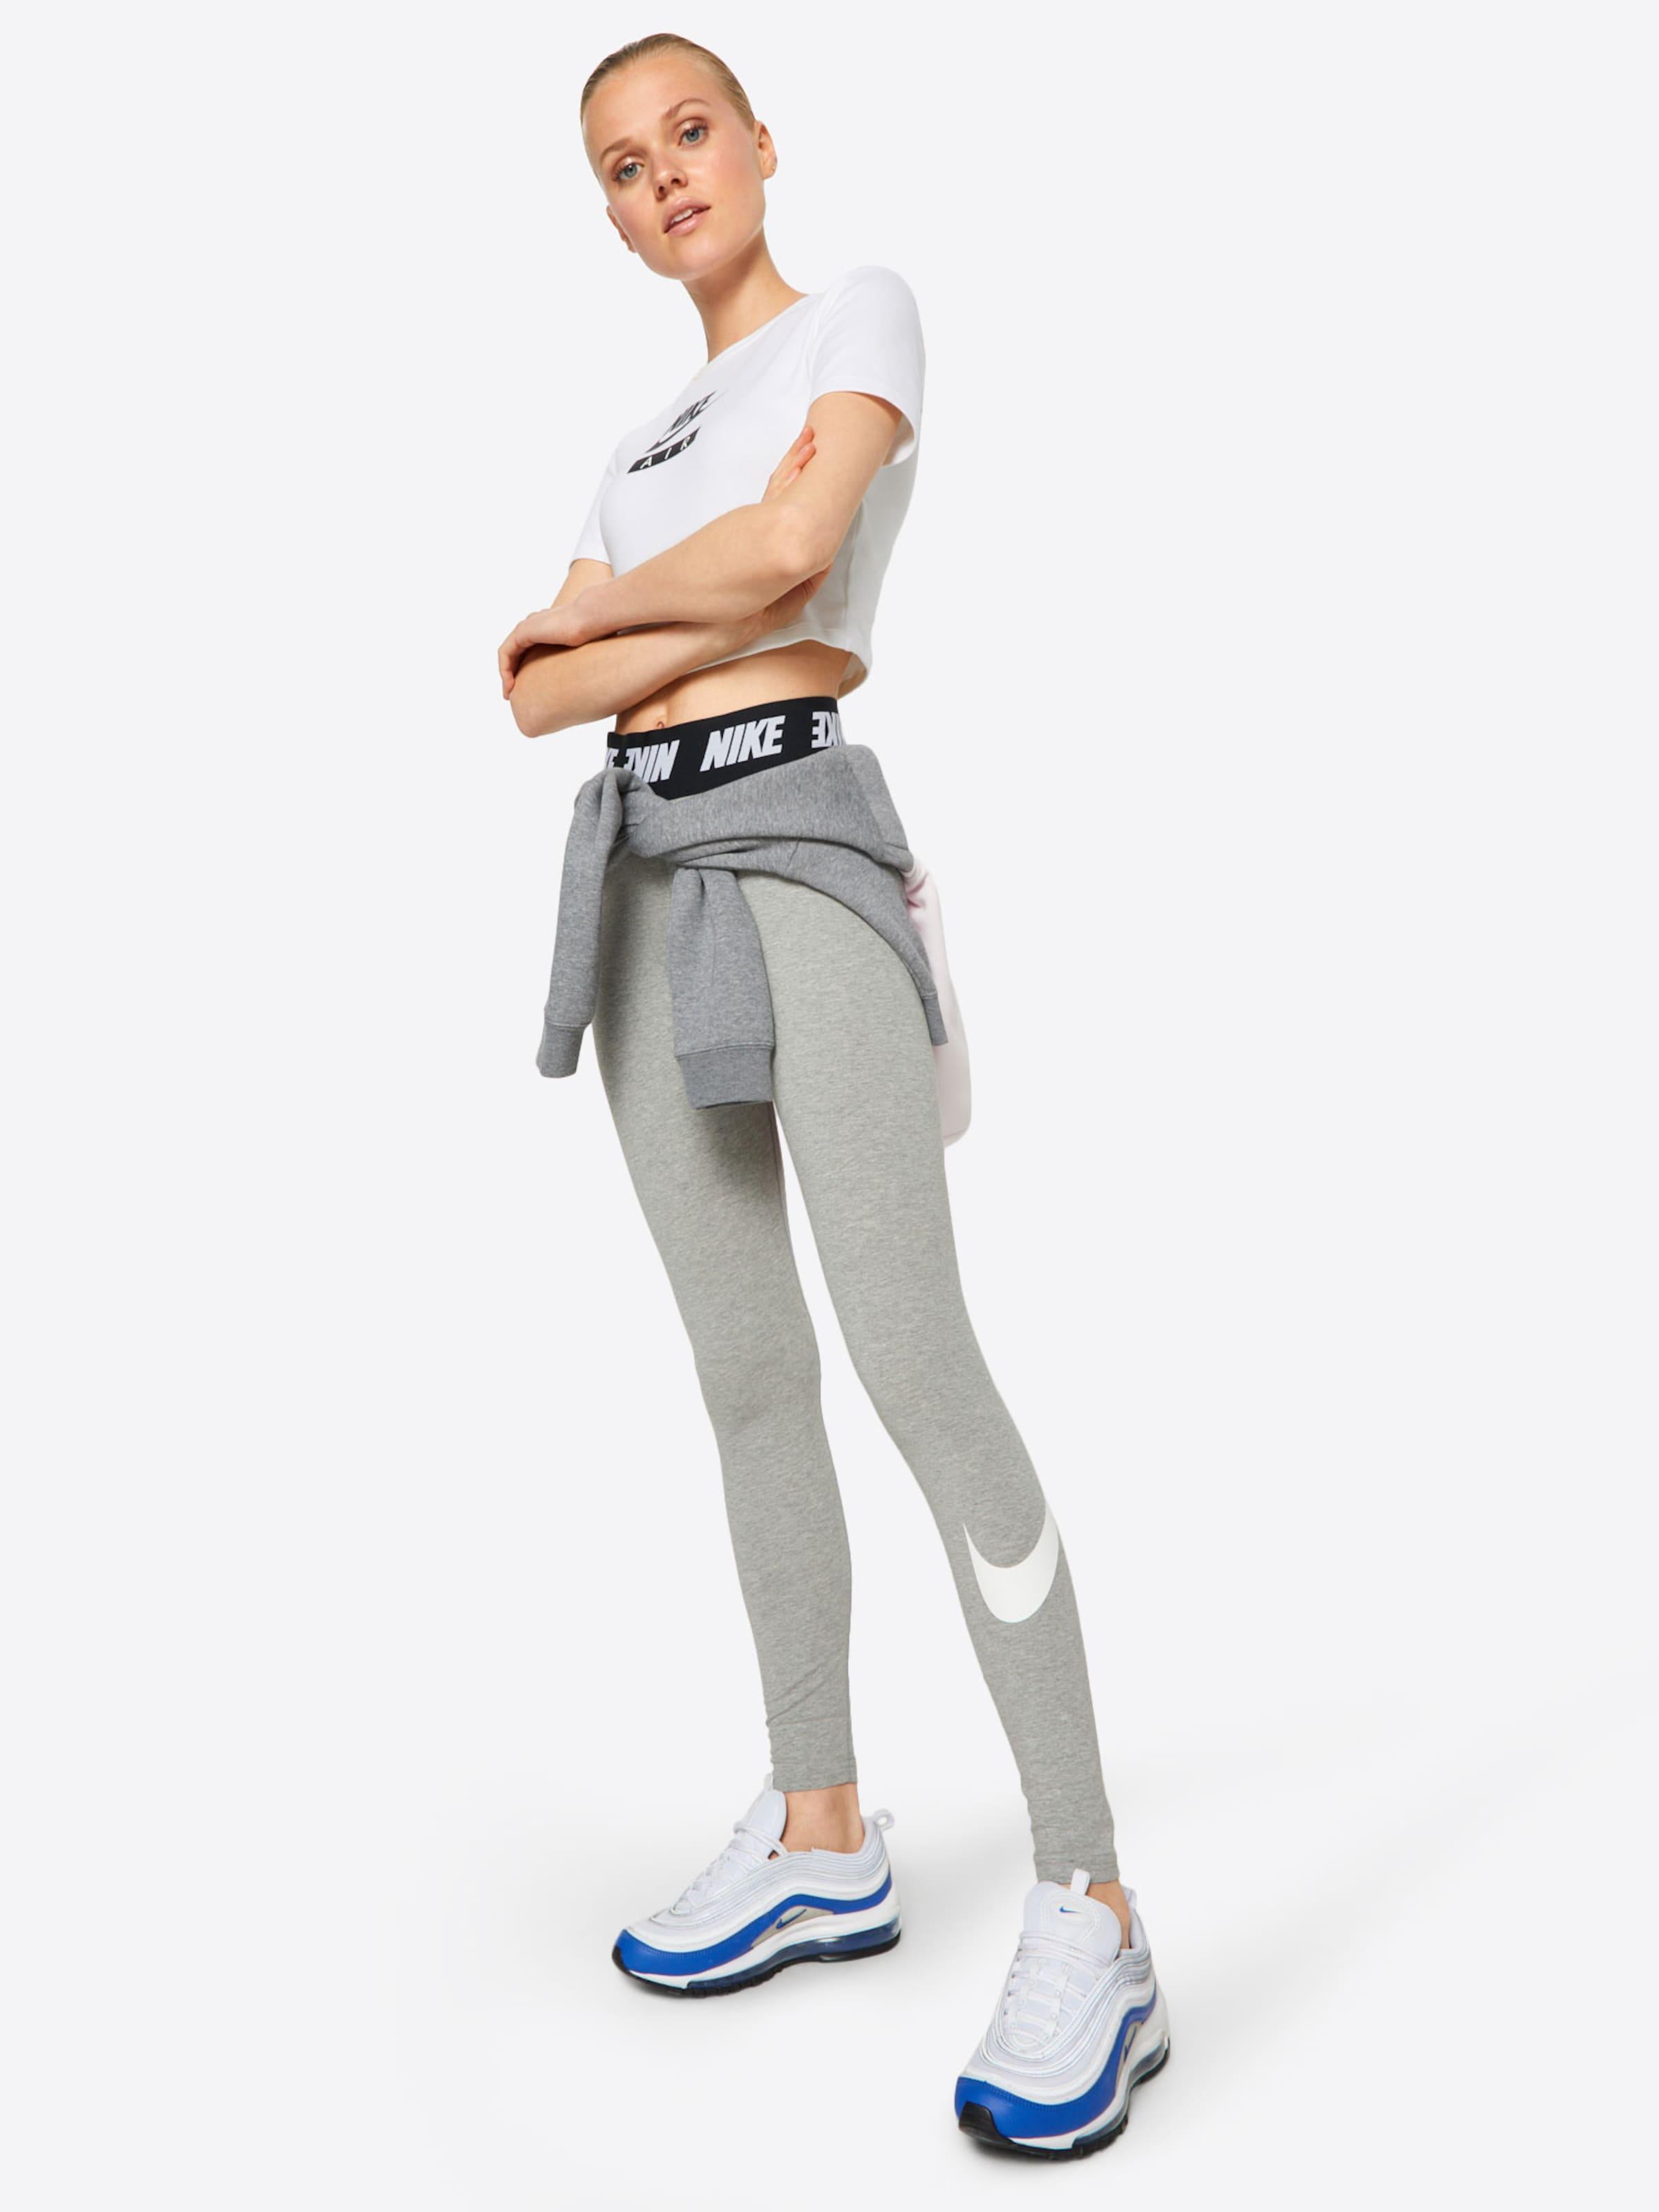 GrauSchwarz Nike Leggings Weiß In Sportswear mv0ONw8n